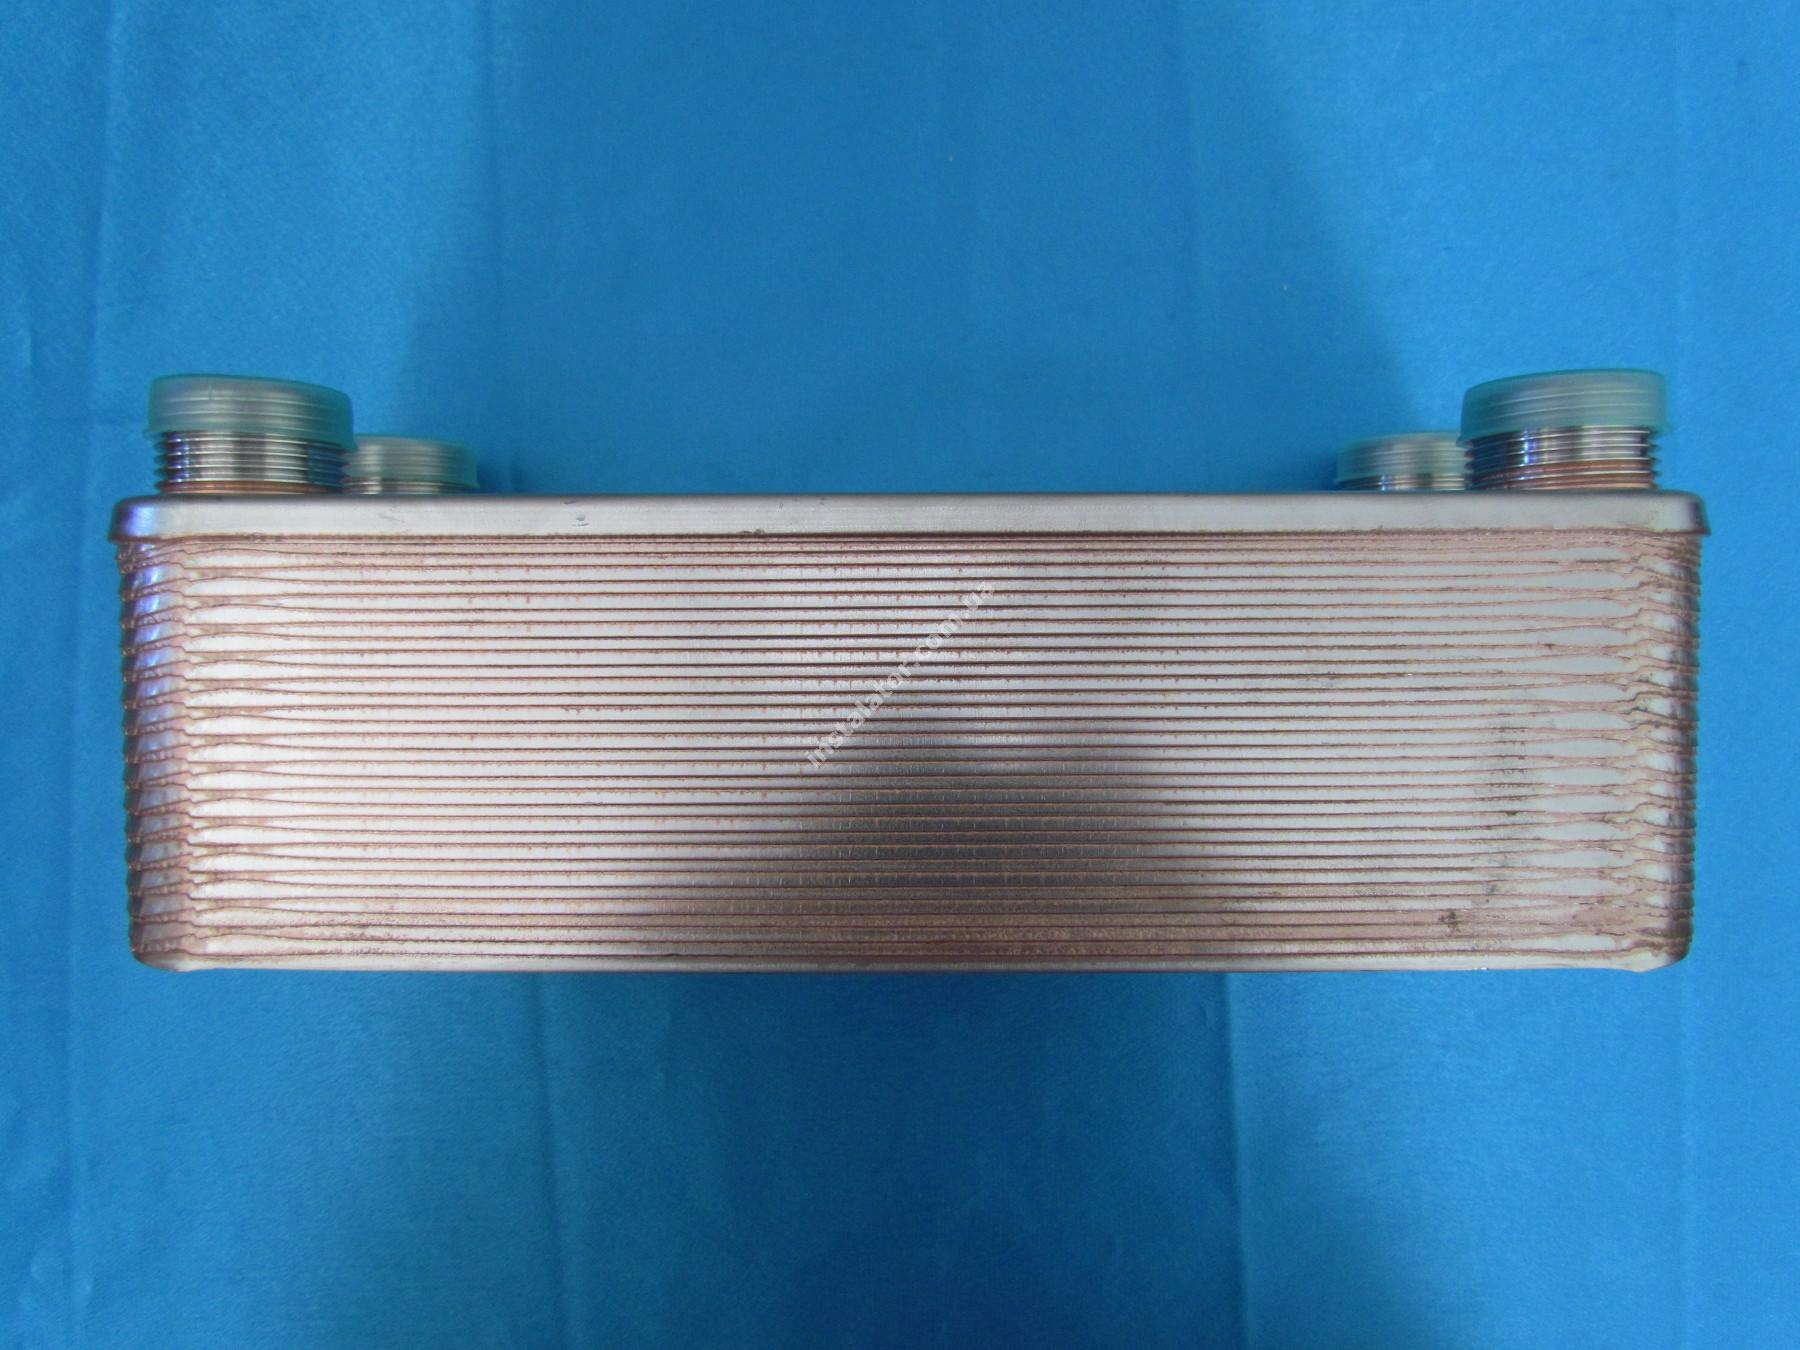 Теплообмінник Womix B3 - 30 пластин full-image-0